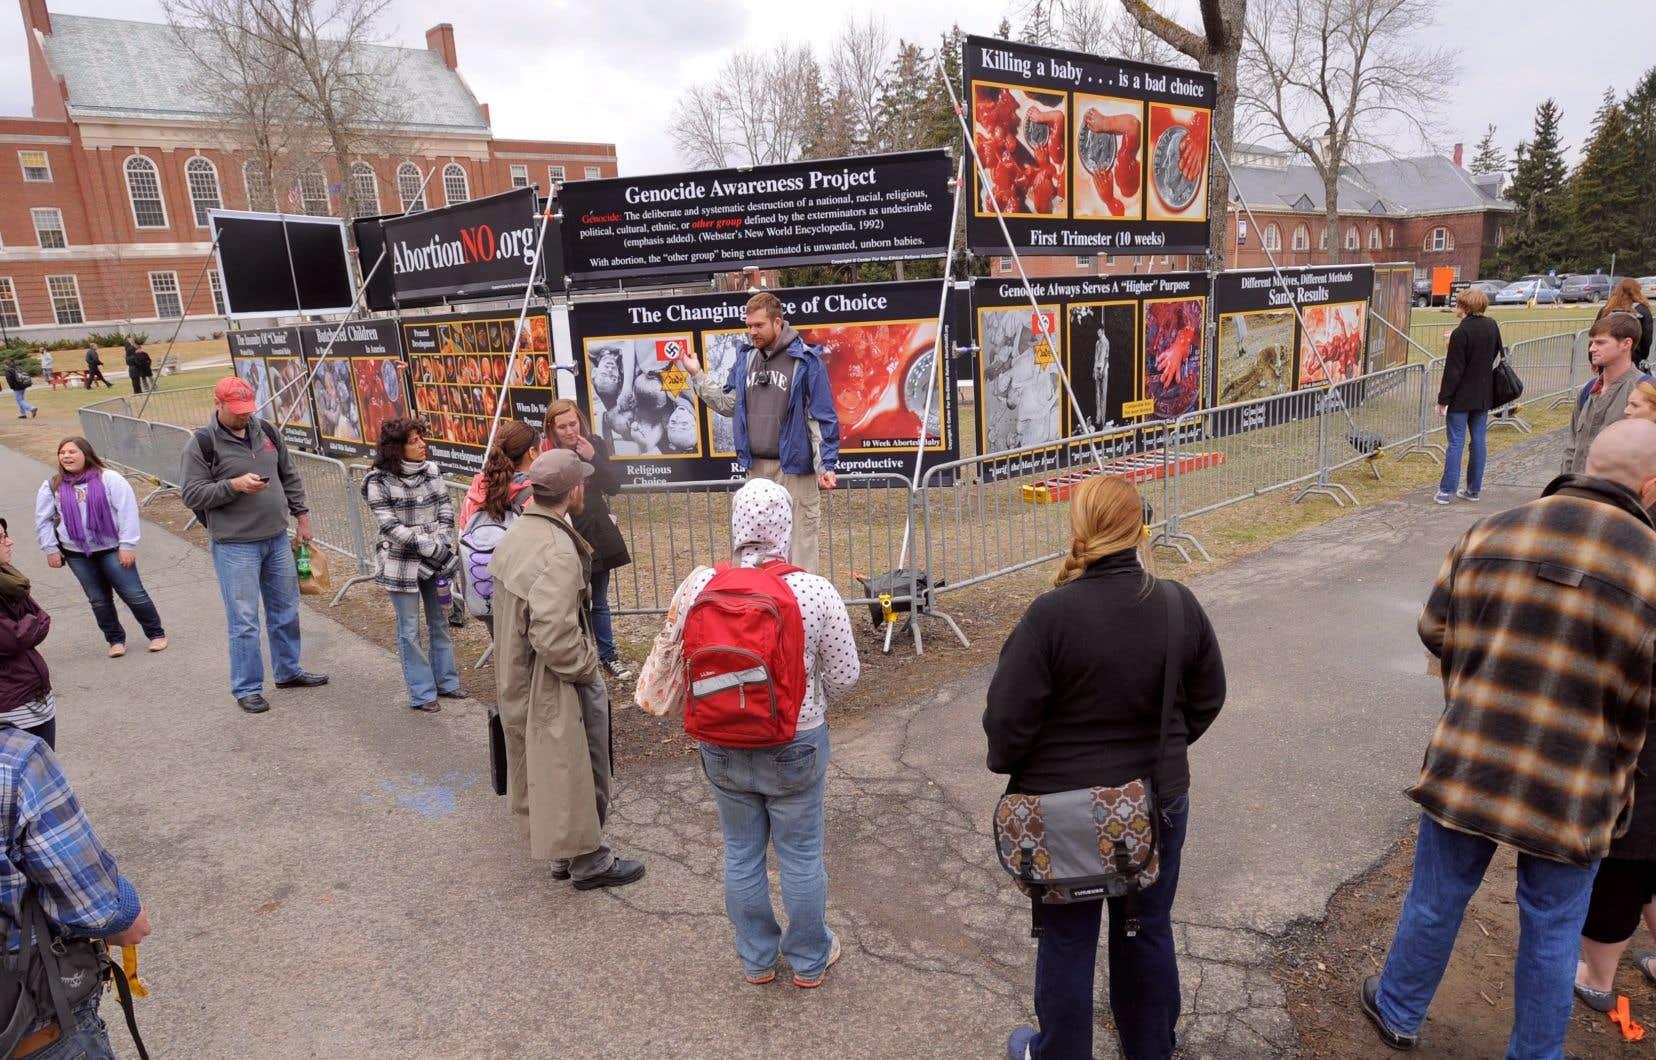 Ottawa a resserré les règles en décembre après qu'il a été révélé que le programme avait versé près de 57 000$ au Canadian Centre for Bio-Ethical Reform, un groupe pro-vie qui distribue des images de fœtus avortés sur la place publique.